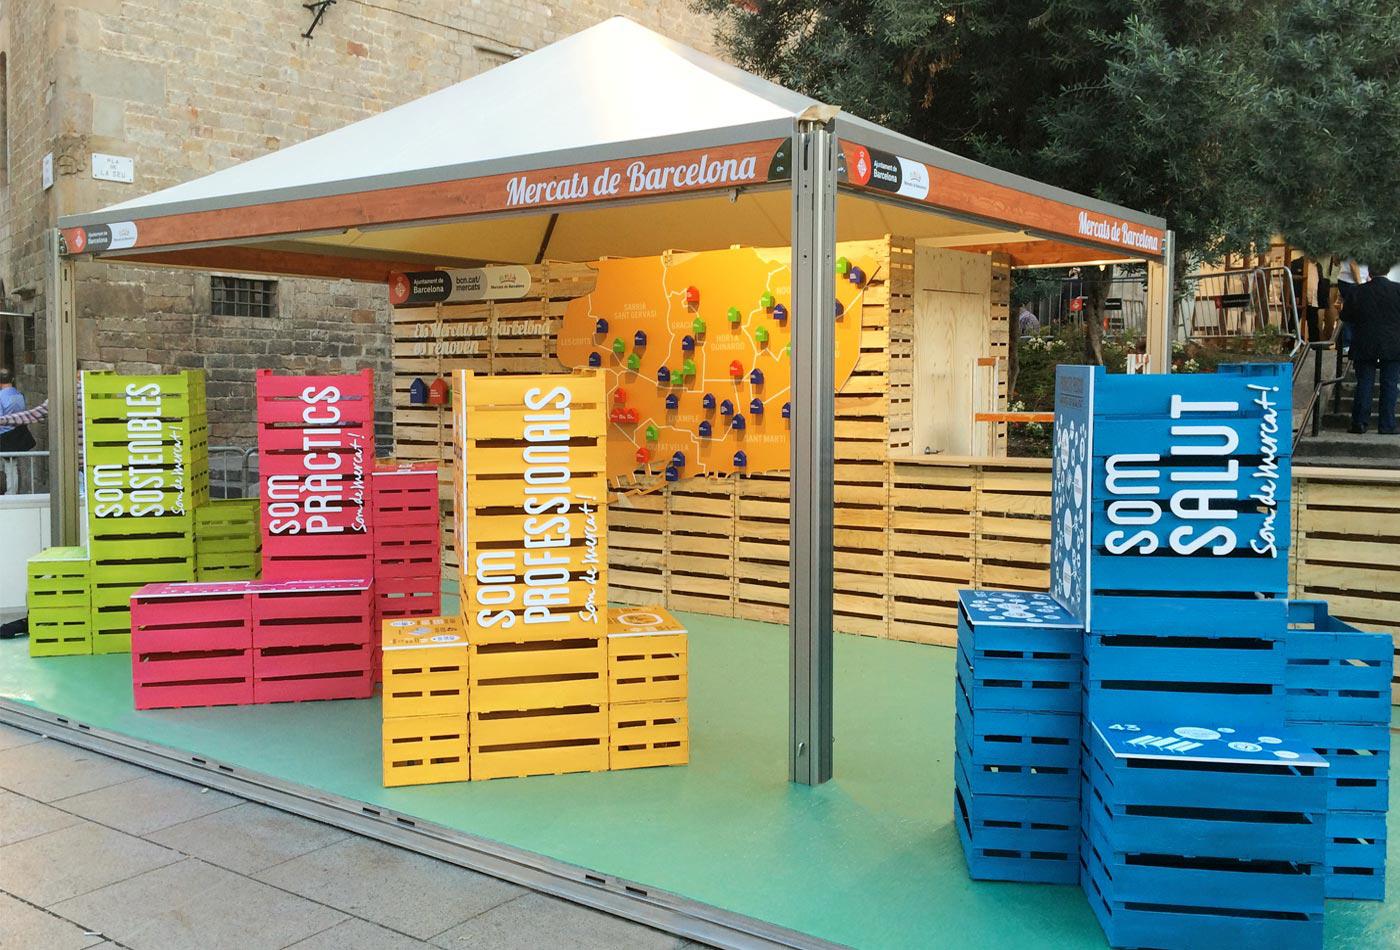 promocio-mercats-barcelona-somdemercat